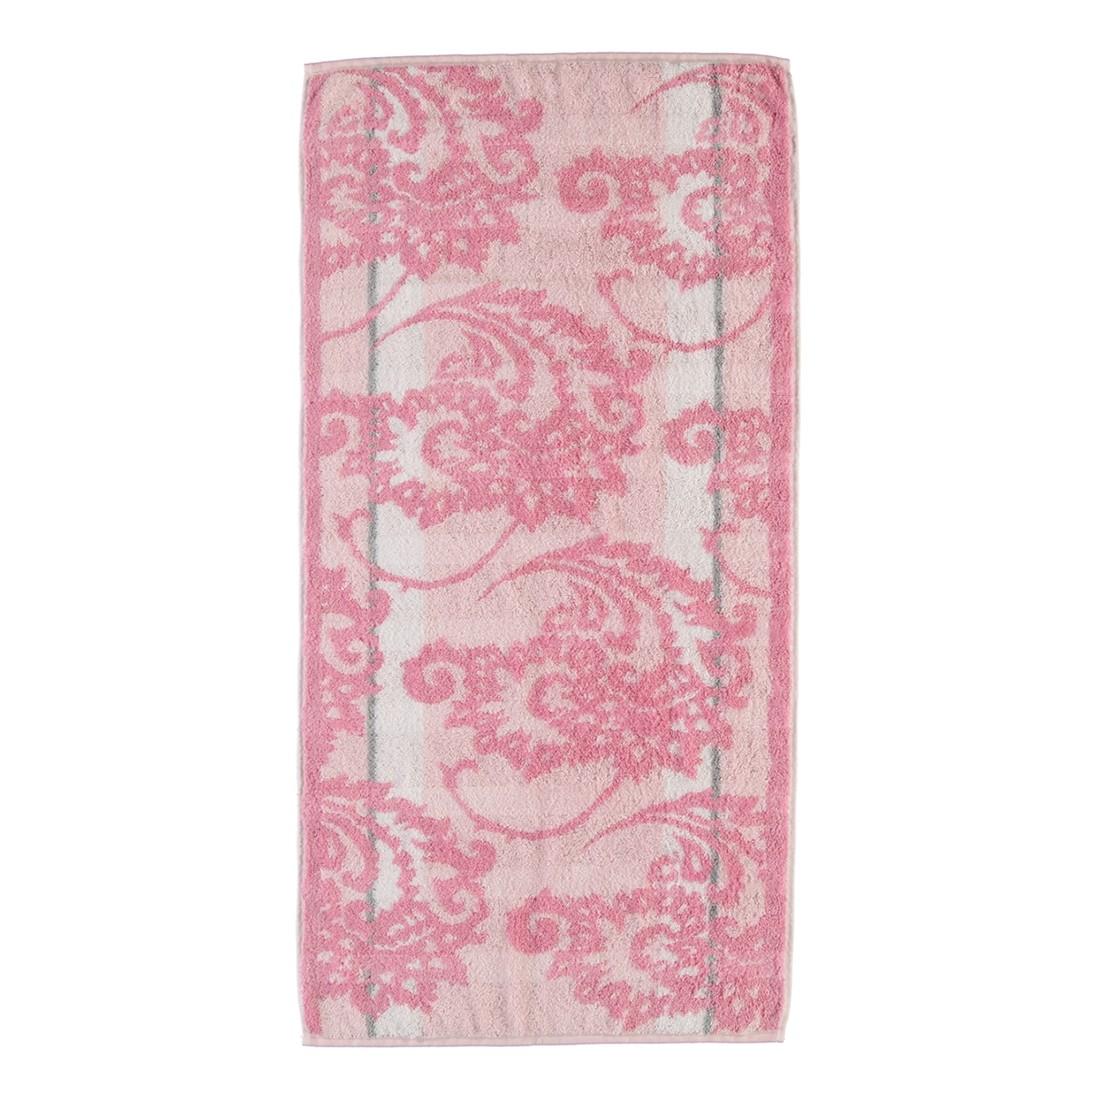 Handtuch Noblesse Perlmutt – 100% Baumwolle puder – 22 – Handtuch: 50 x 100 cm, Cawö bestellen